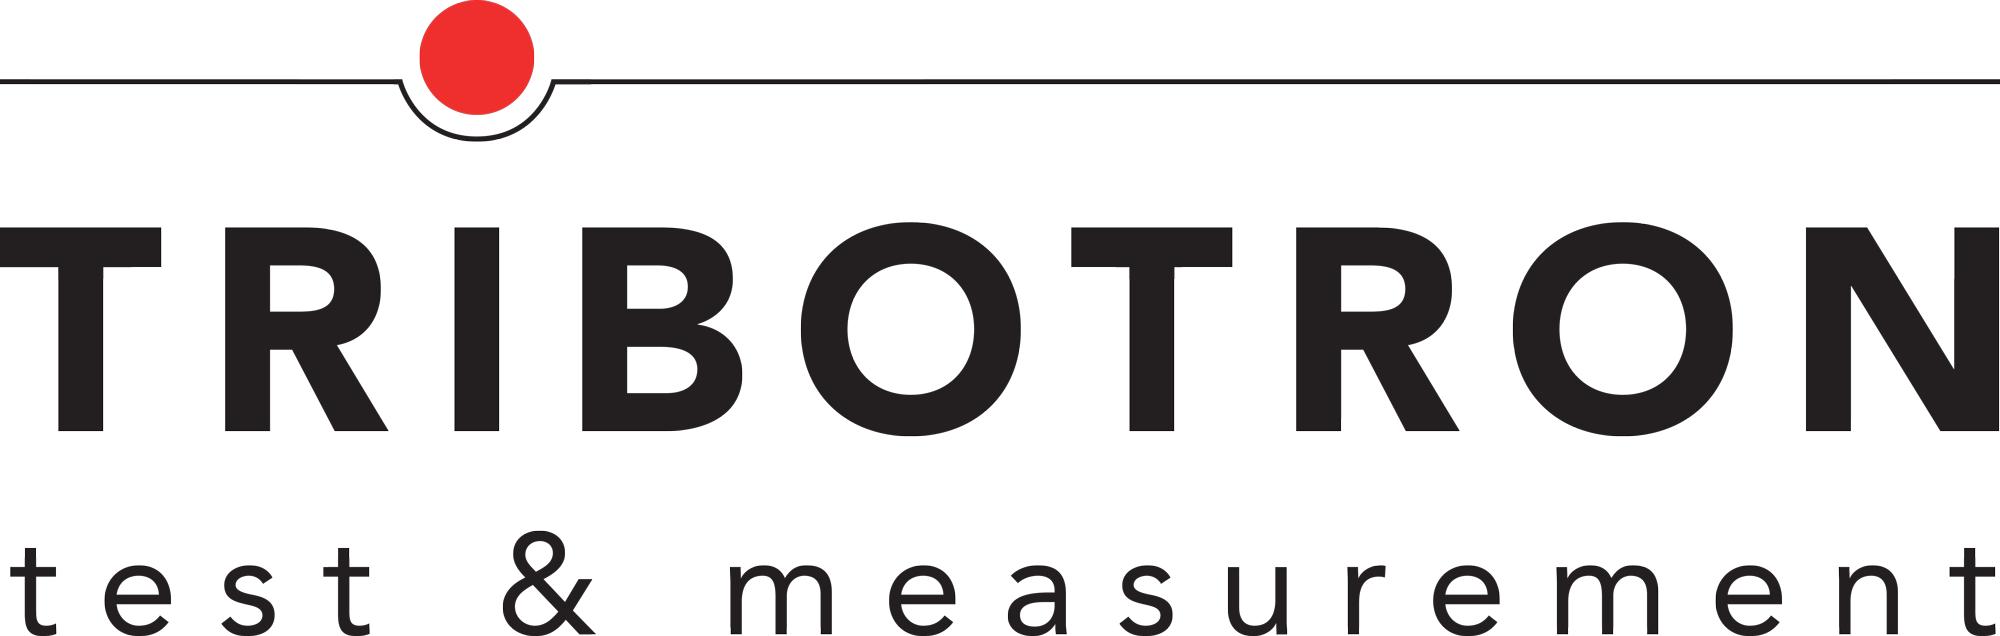 logo_tribotronpng